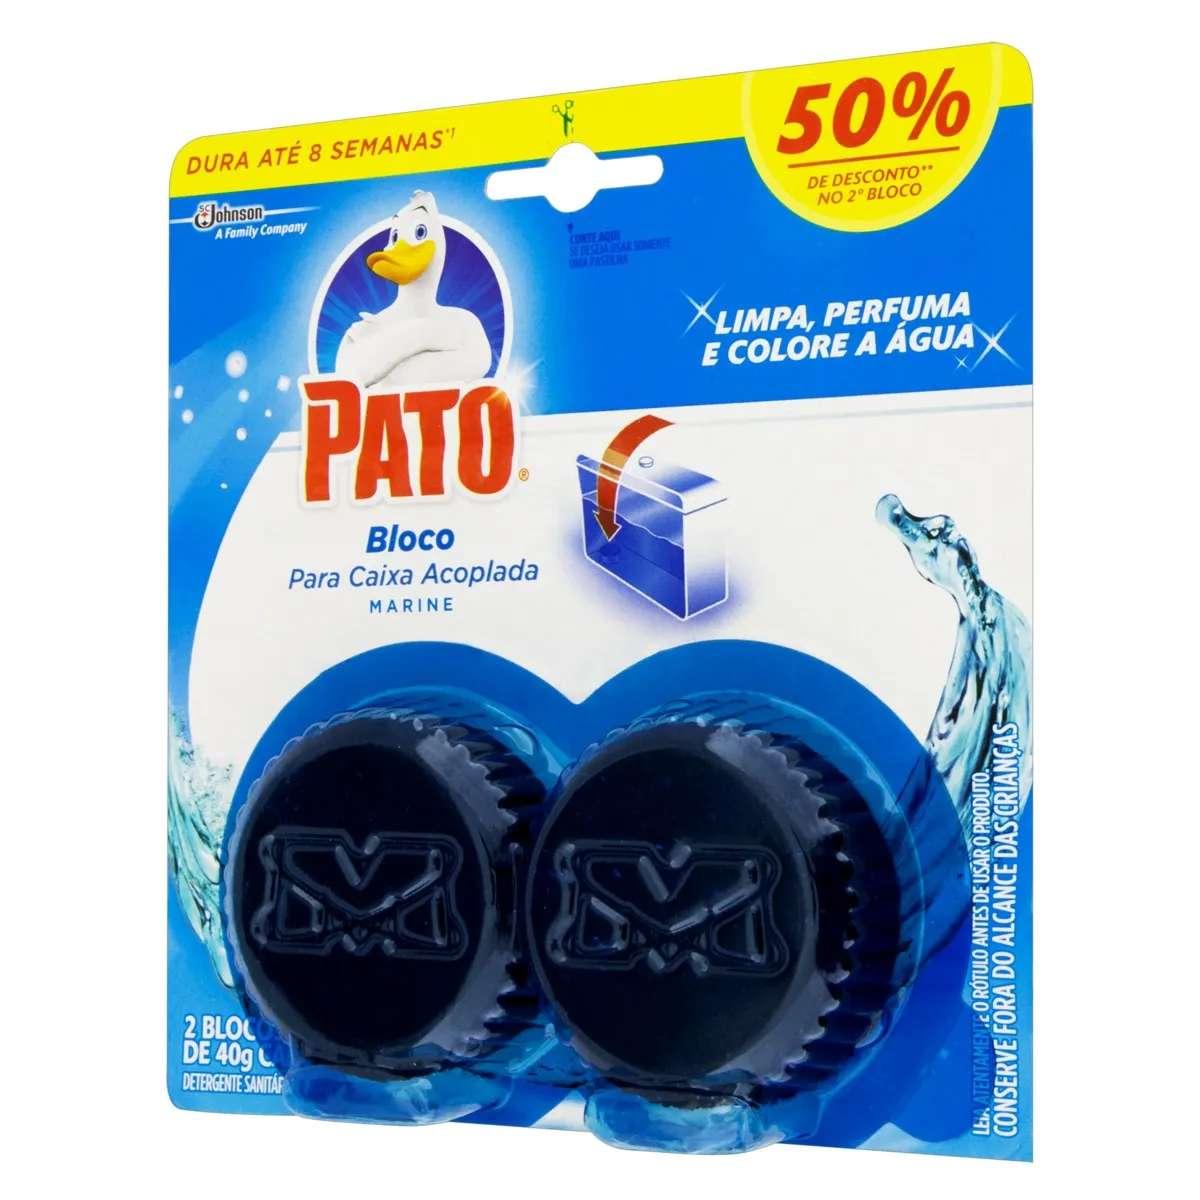 Detergente Bloco Sanitário P/ Caixa Acoplada Marine Pato 40g Cada 2 Unidades Grátis 50% de Desconto no 2° Bloco